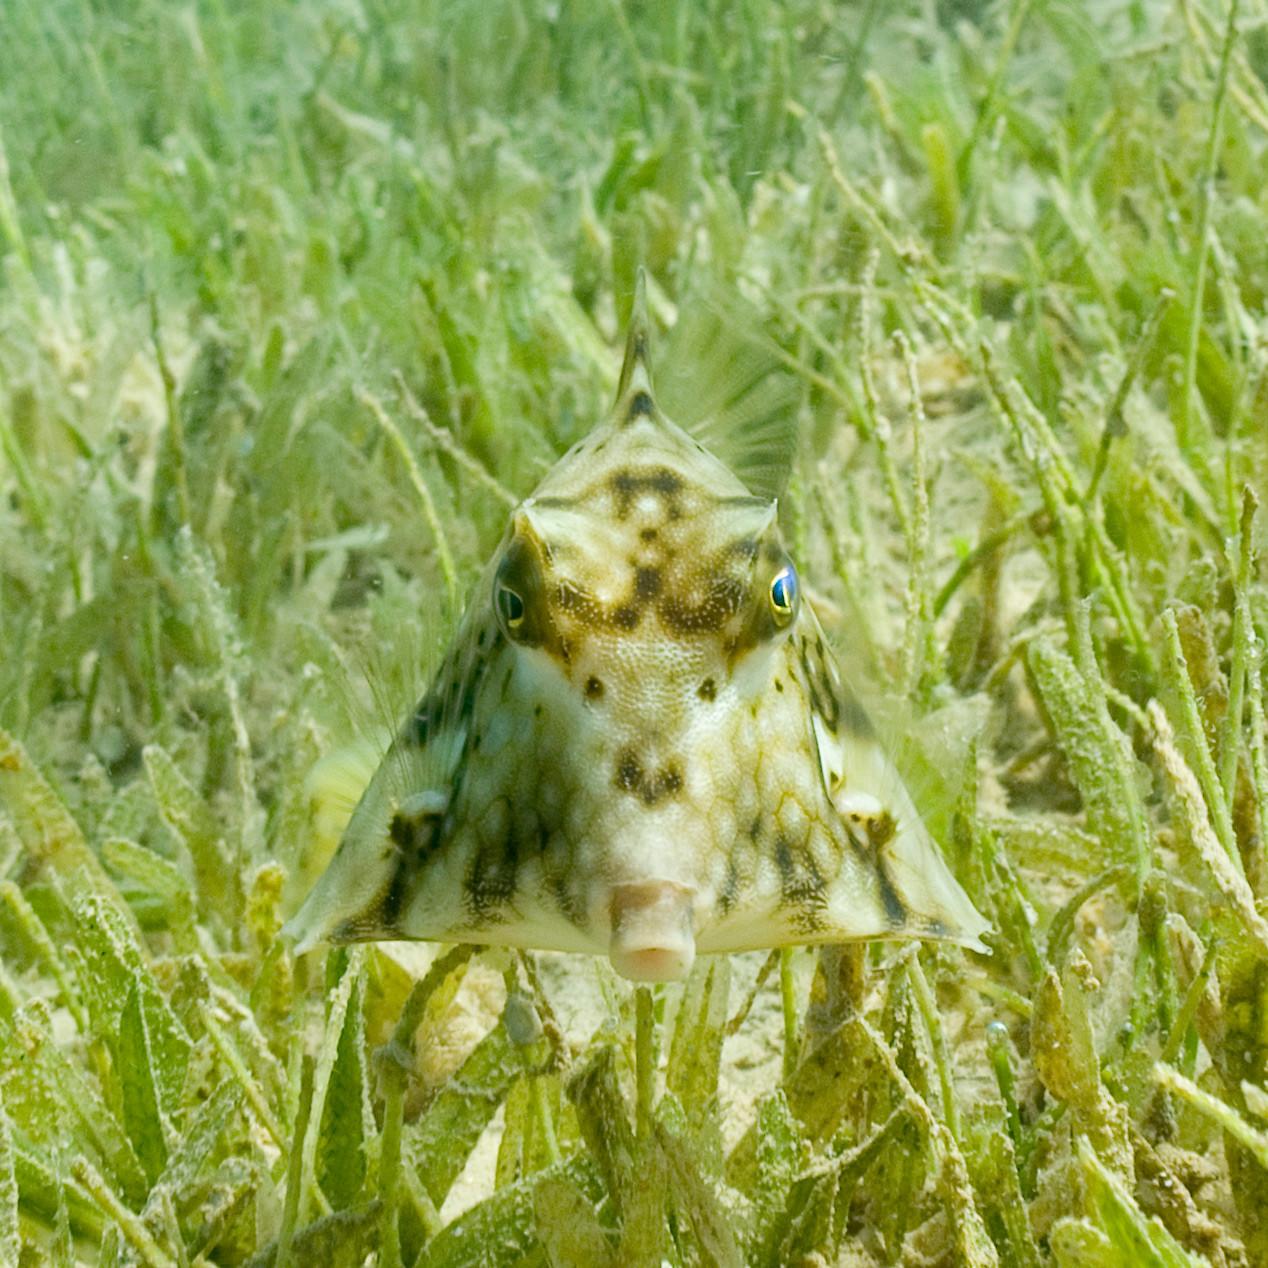 Humpback turretfish (Boxfish)